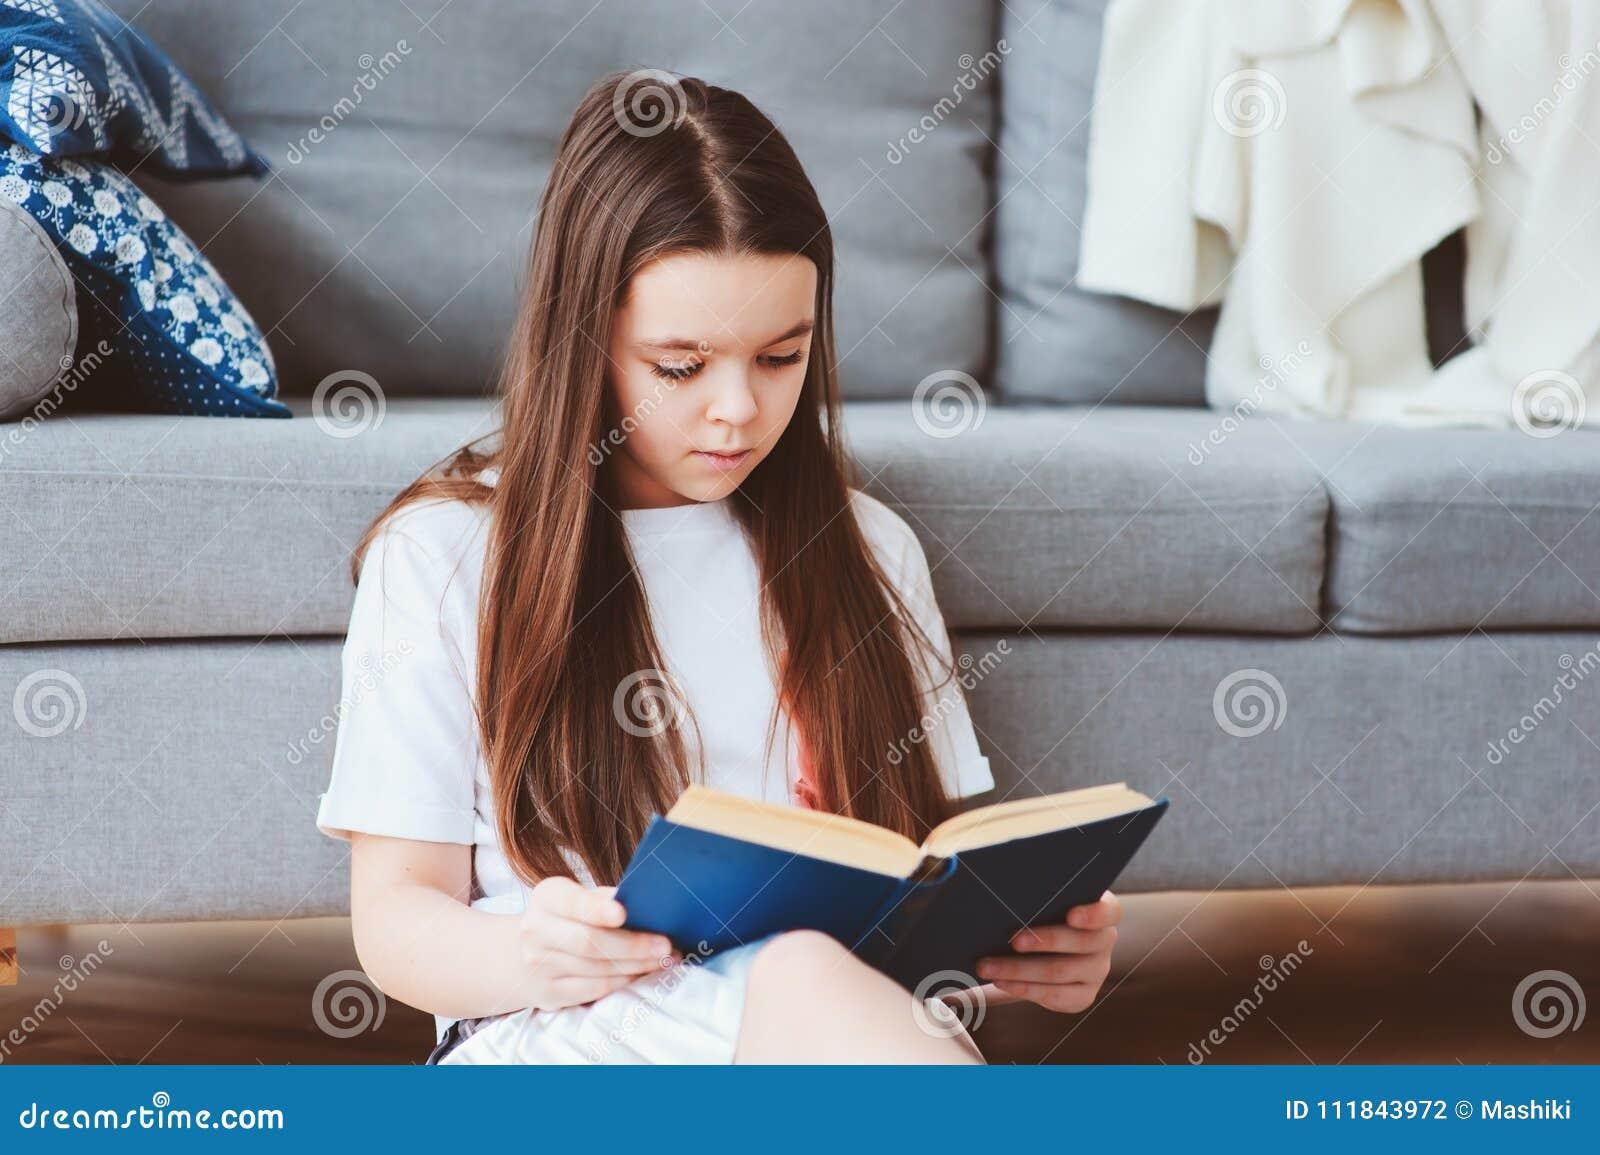 smart kid girl reading interesting book